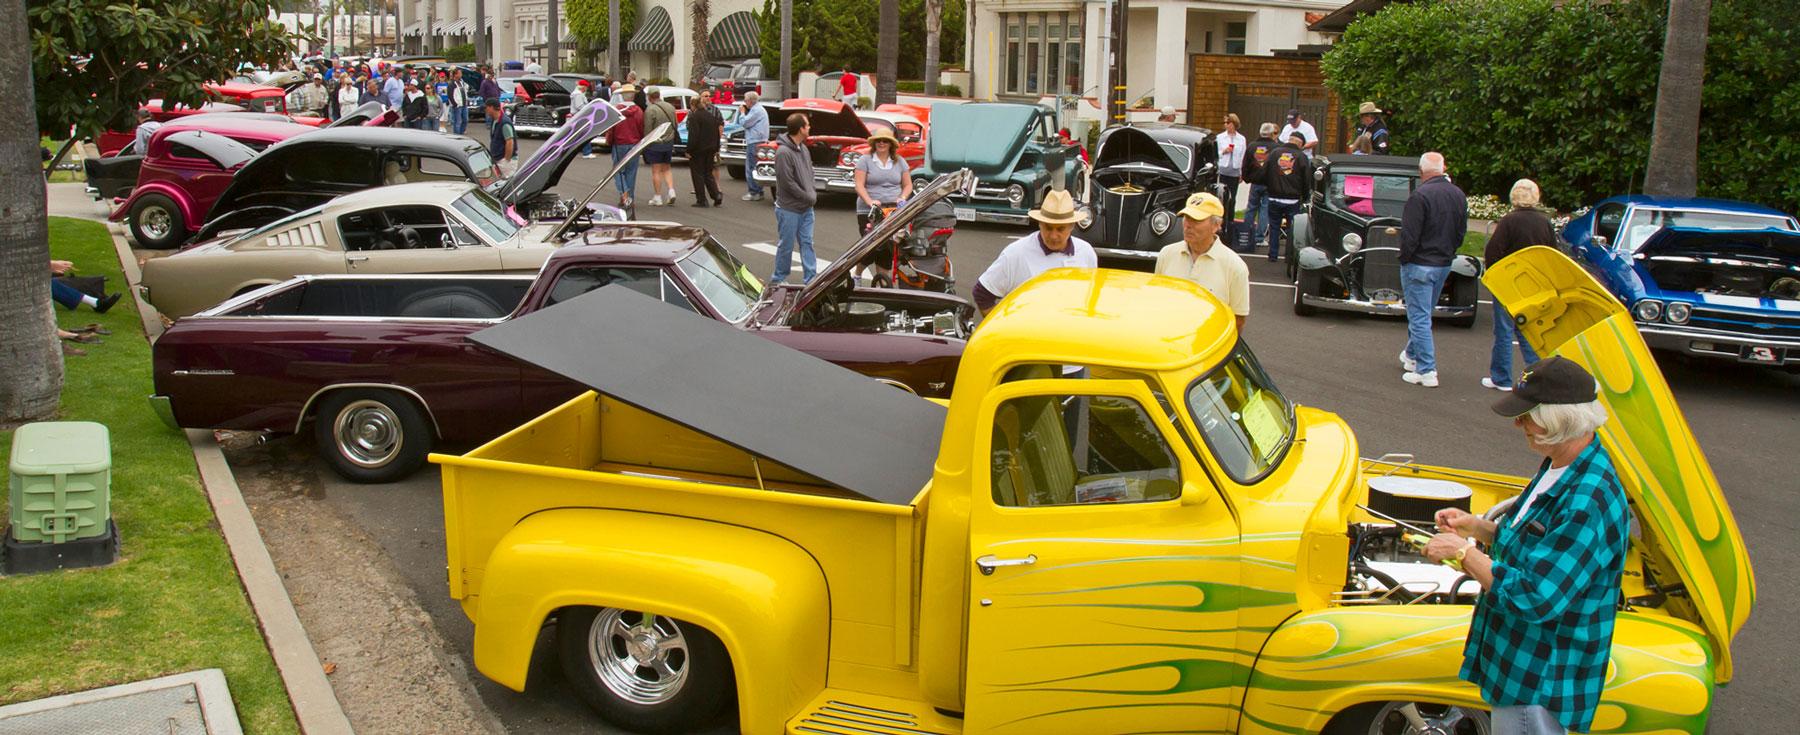 MotorCars on Main Street